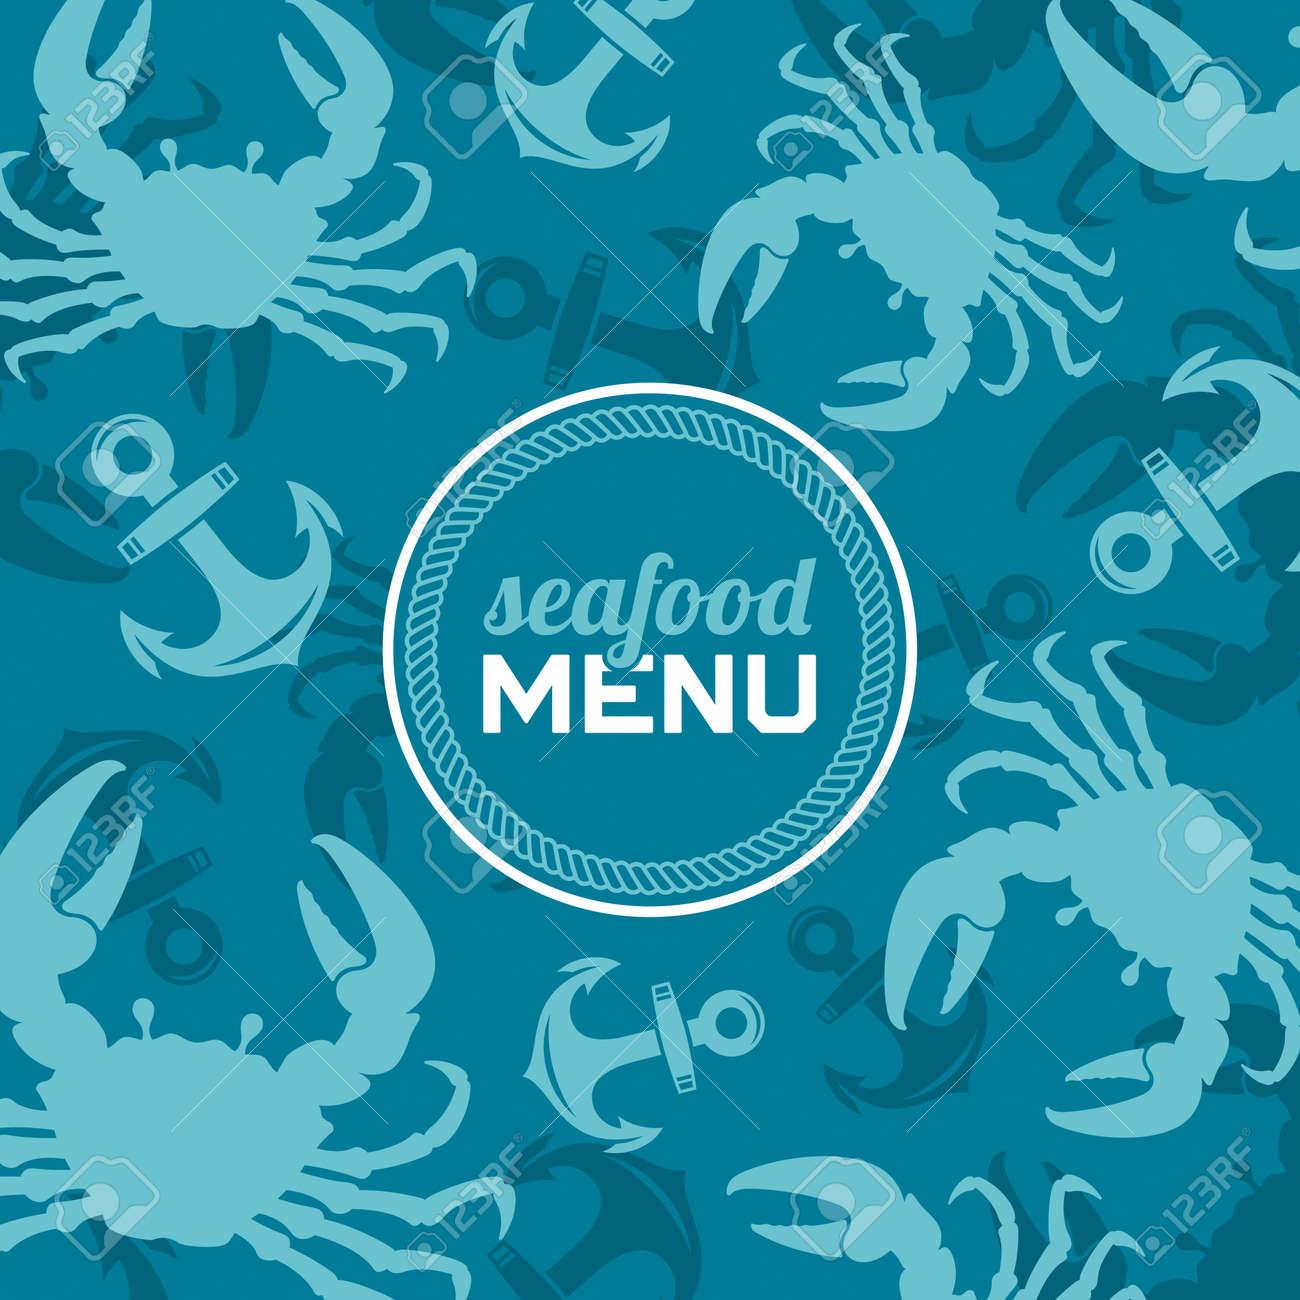 Seafood menu, vector illustration - 21150202